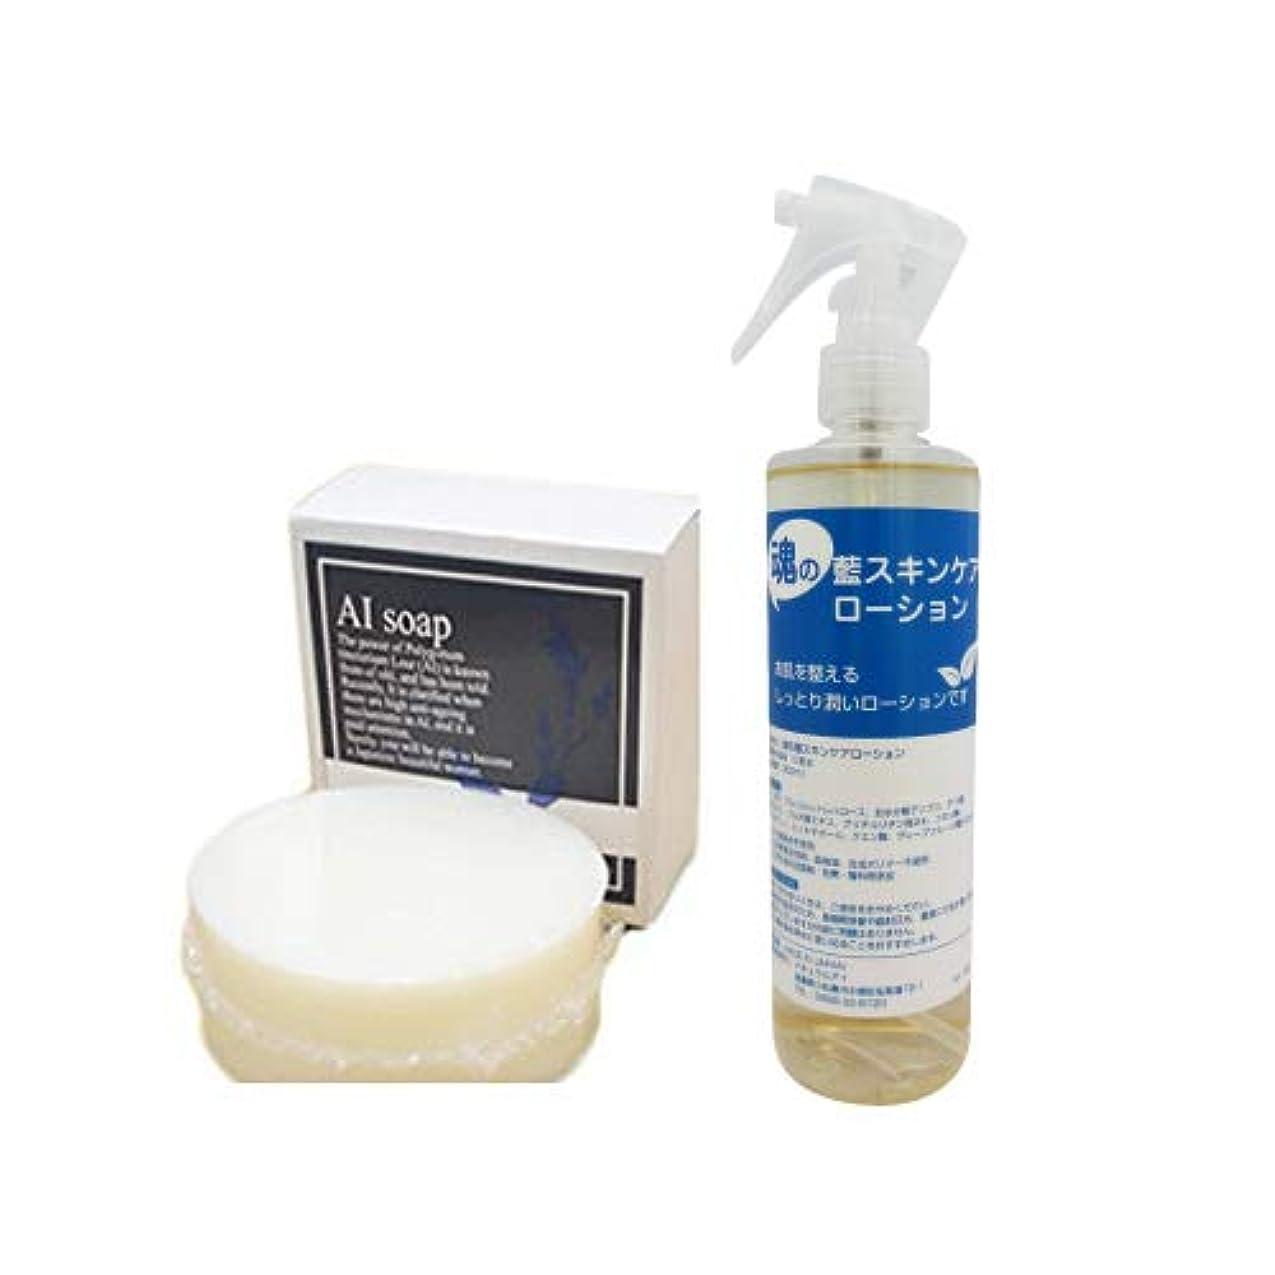 の面では保証金剃る藍石鹸(AIソープ)100g+藍スキンケアローション300mlセット 美肌の「藍」セット(無添加ノンケミカル)肌乾燥?肌トラブルにおススメ